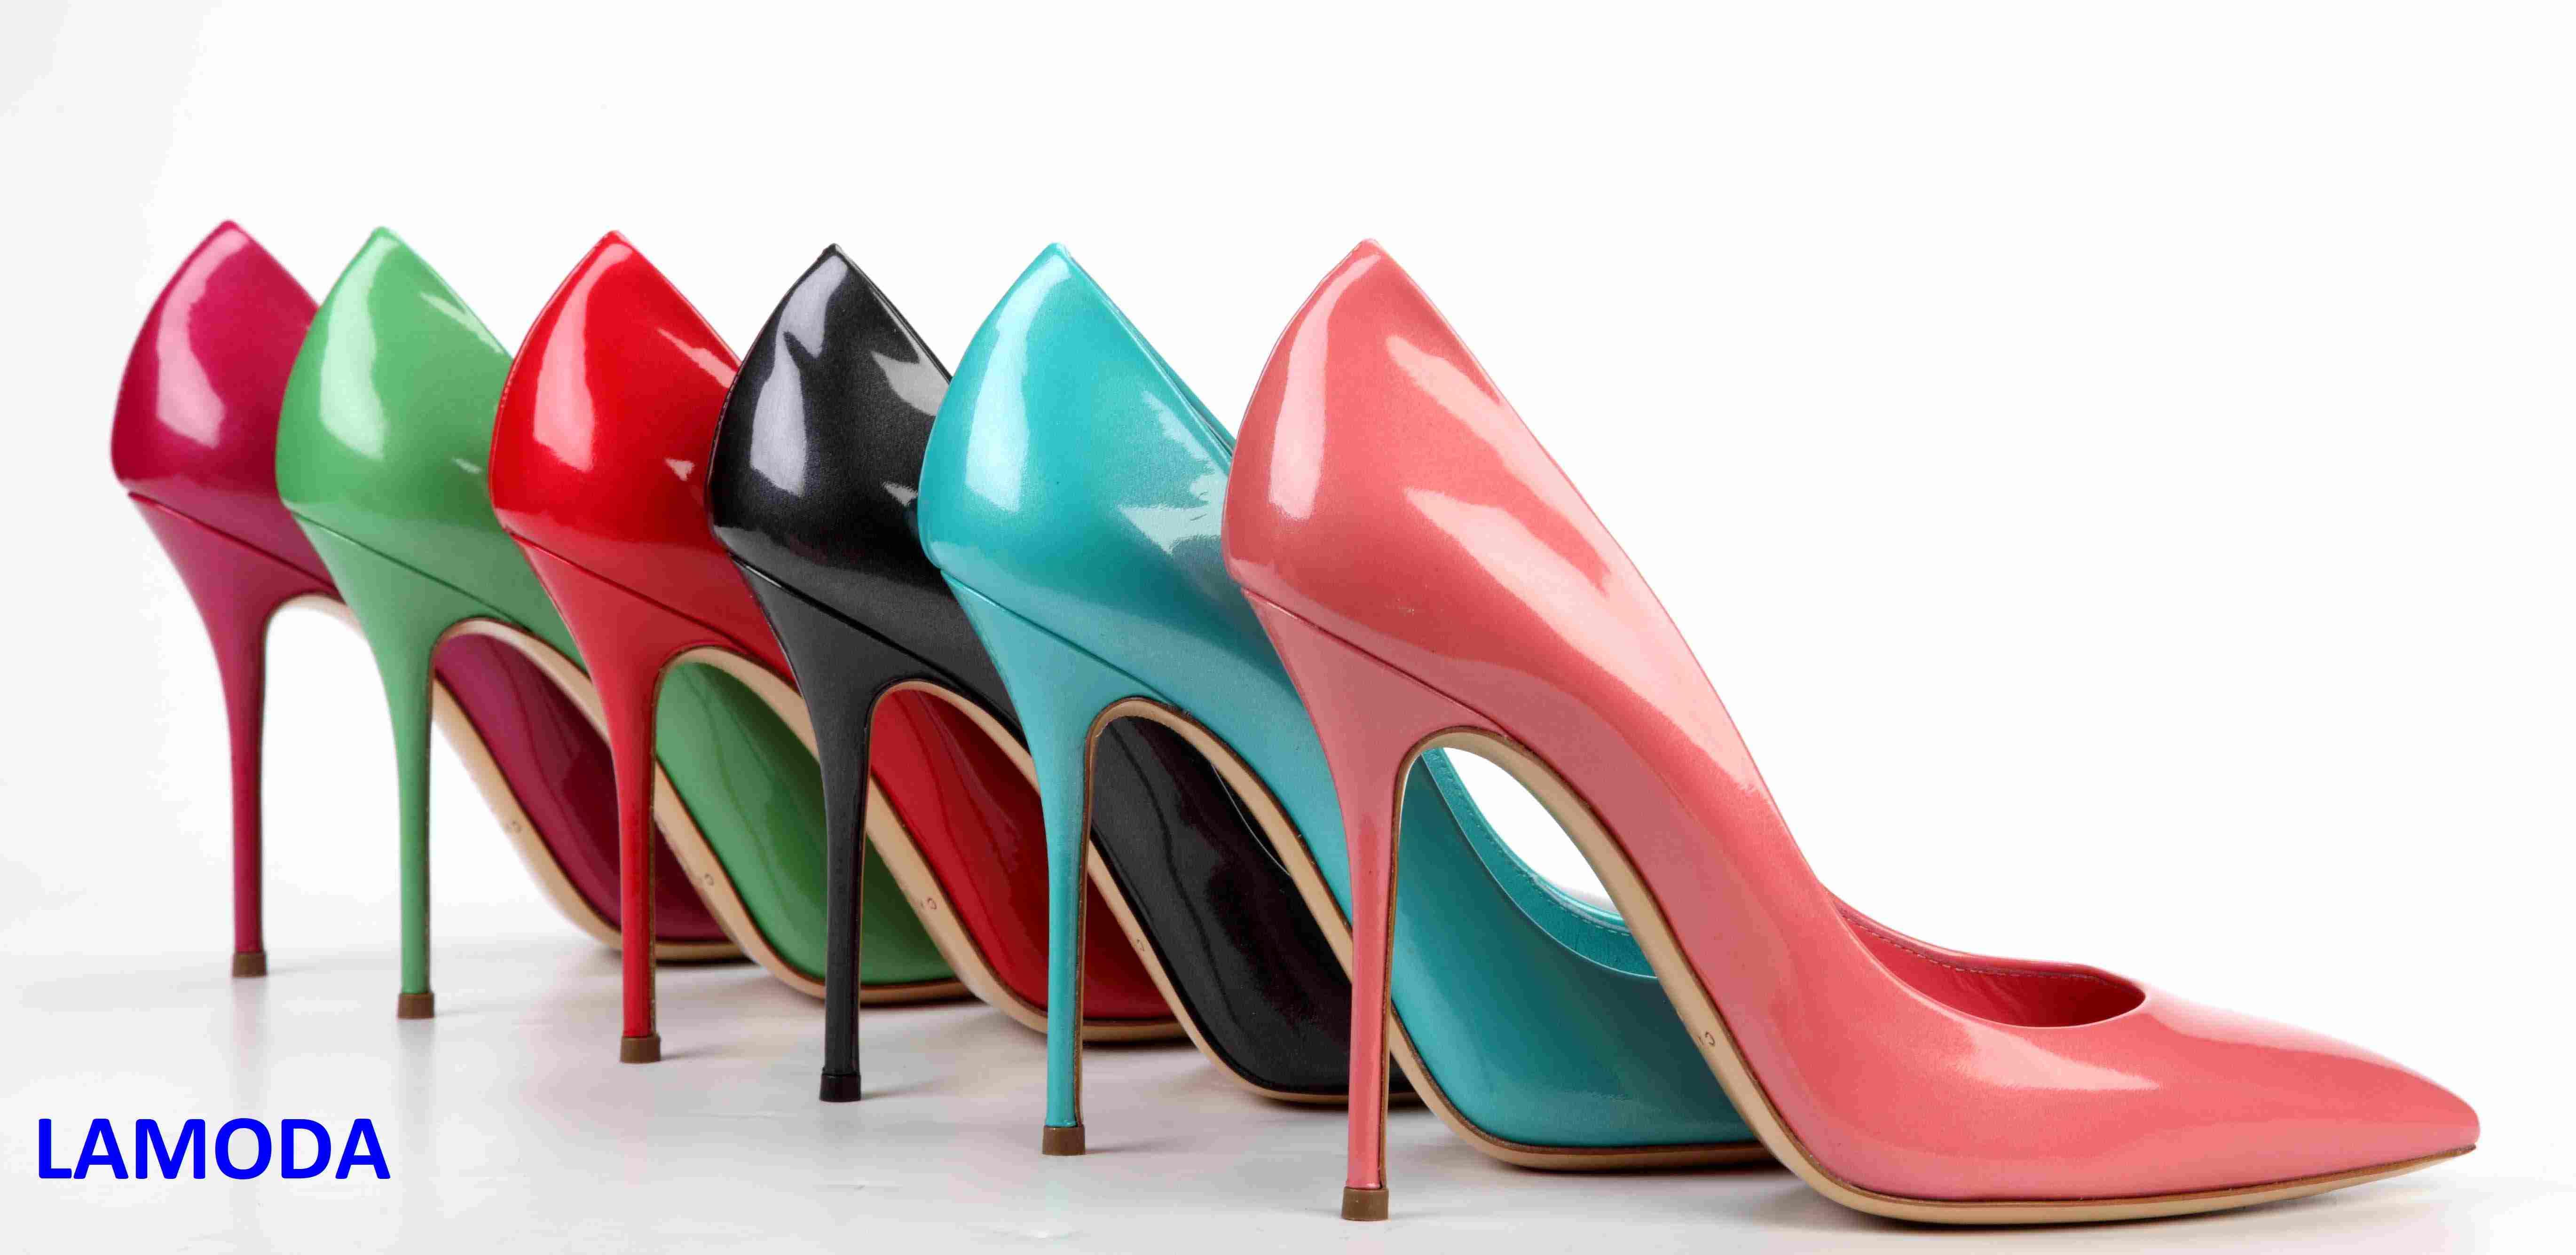 3bf850158ccdb Купить на распродаже модные женские туфли на ламода и вайлдберриз, на  русском алиэкспресс 2016 -2017